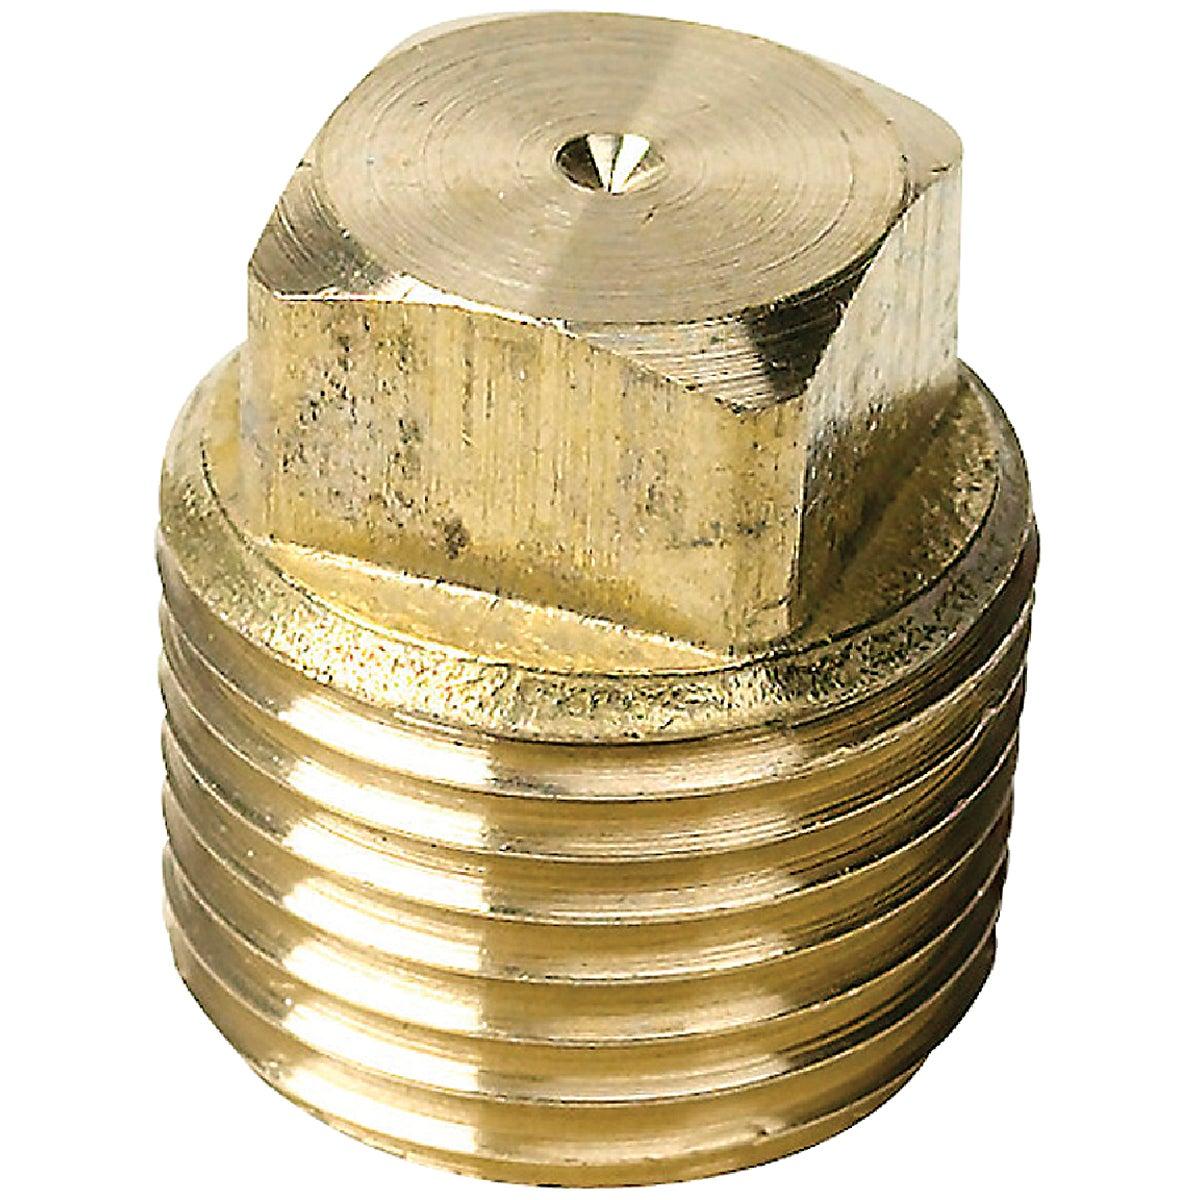 """1/2"""" DRAIN PLUG - 18761 by Seachoice Prod"""